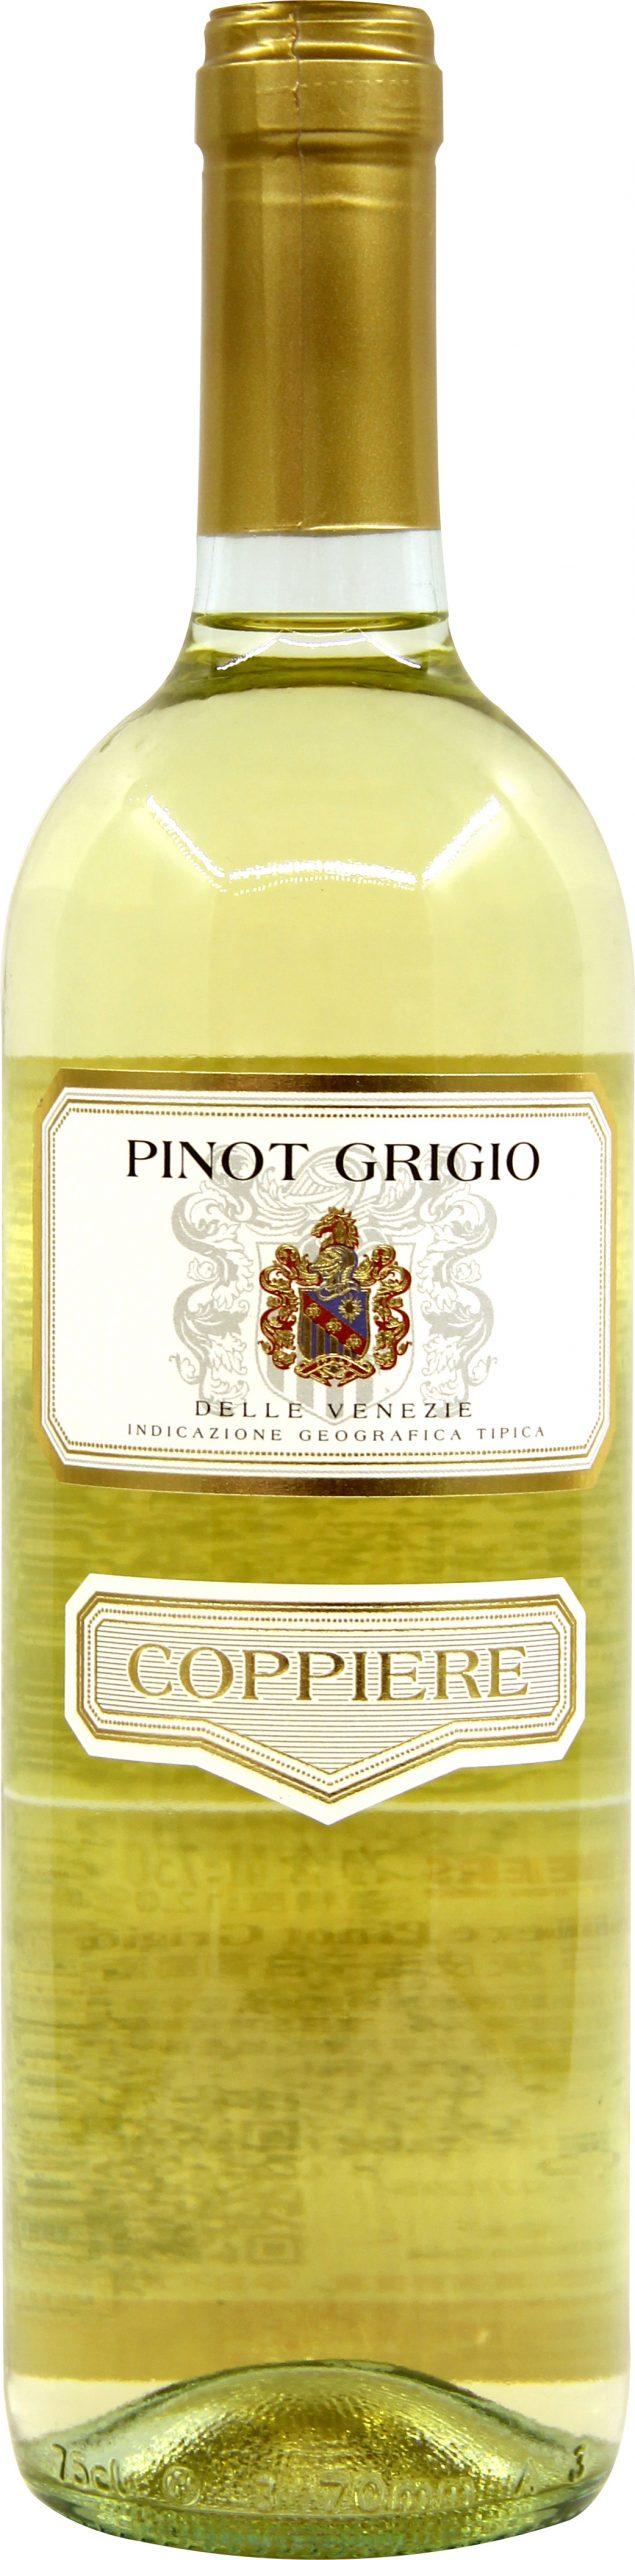 柯比乐灰皮诺干白葡萄酒